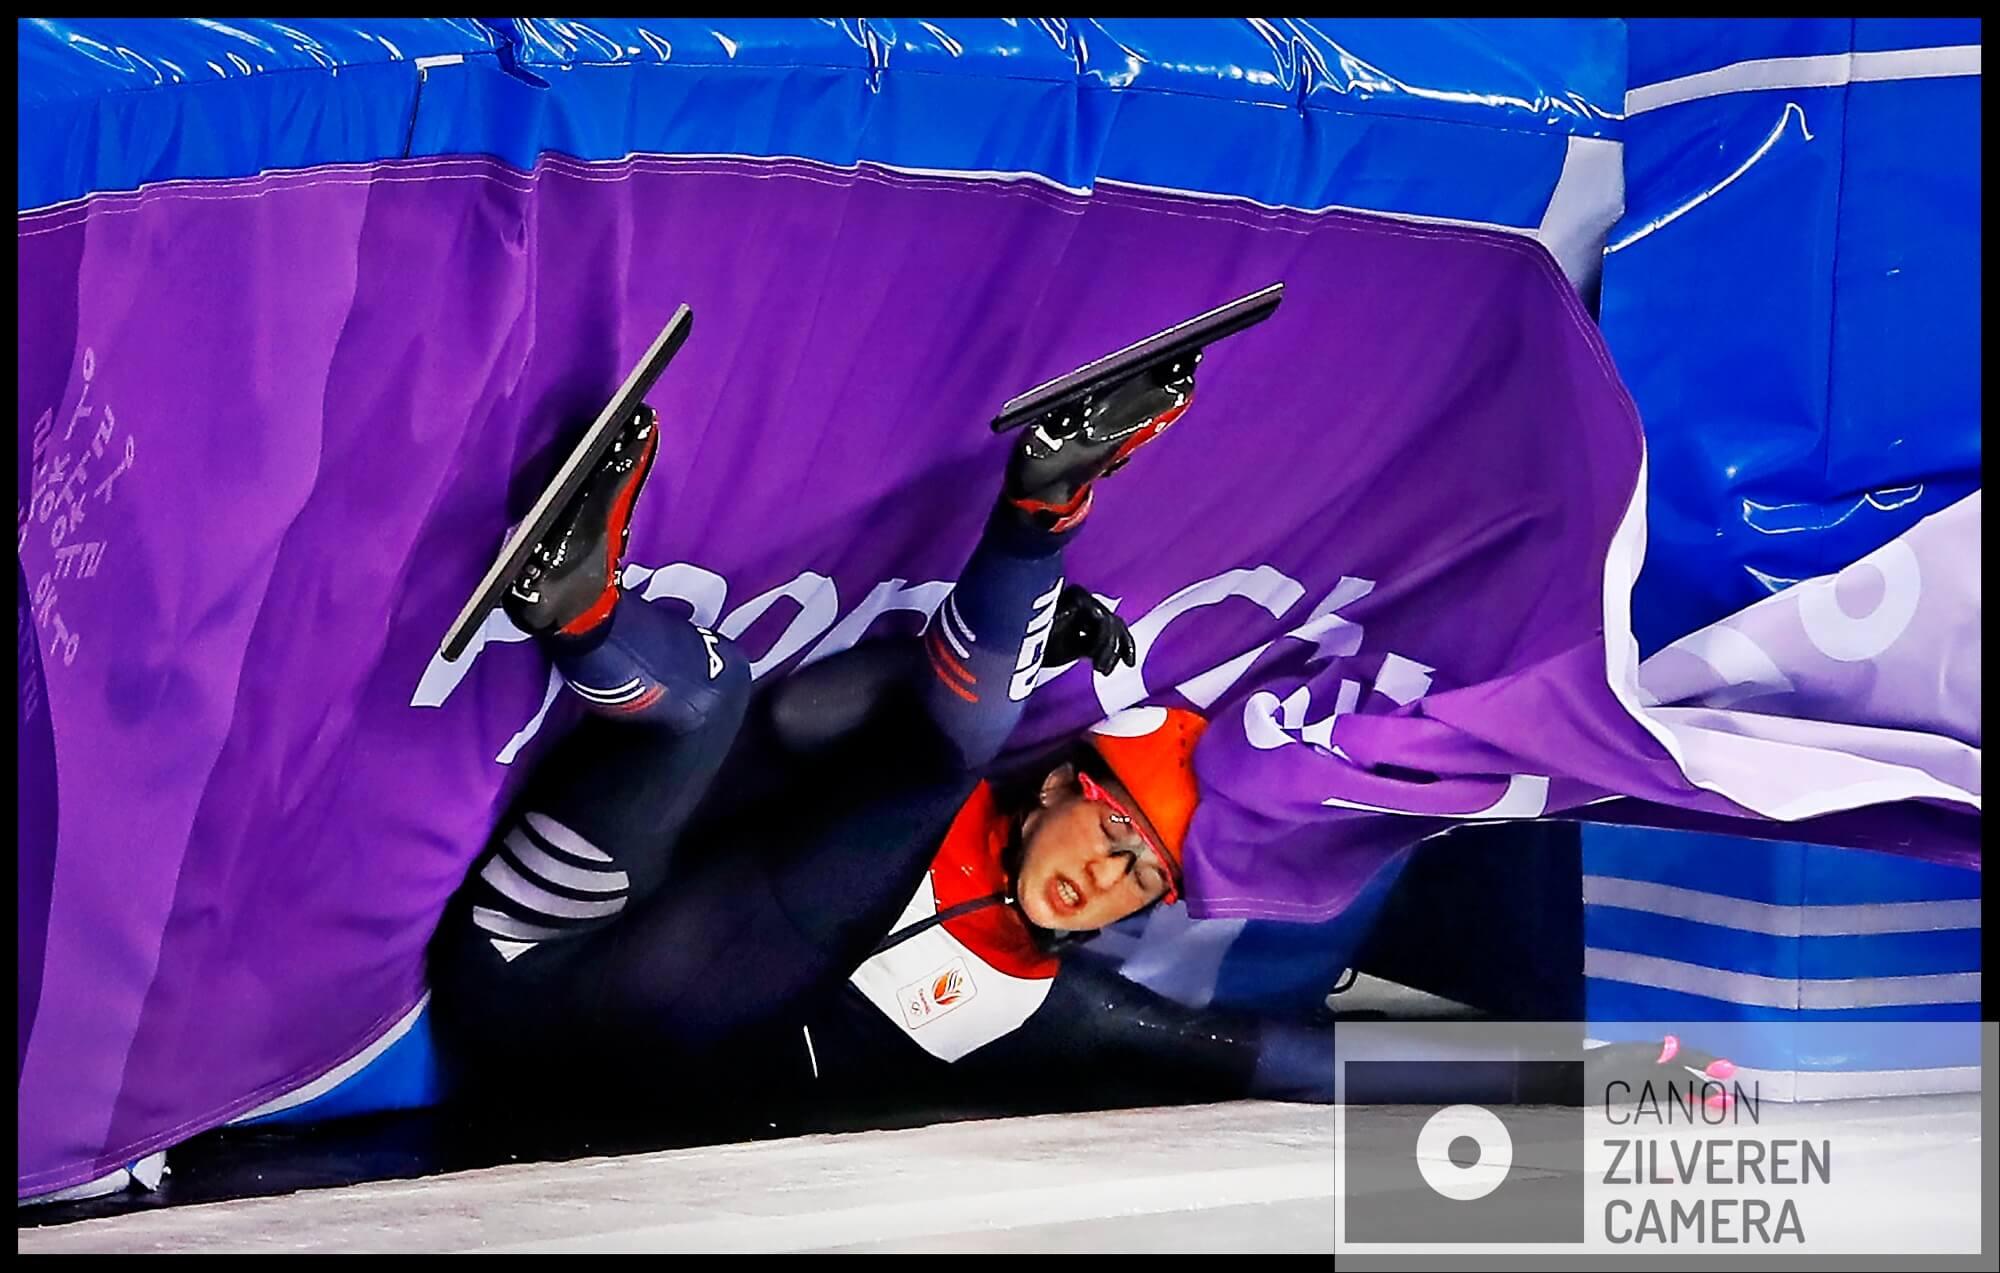 Serie Suzanne Schulting; Van Olympische val tot Sportvrouw van het Jaar. Olympische Winterspelen 2018Zuid-Korea, Gangneung, 06-02-2018FOTO 3Tijdens de 500 meter schuift Schulting over de baan na een uitglijder. Haar kansen op eremetaal zijn verdwenen. Wat rest zijn de relay en de 1000 meter.